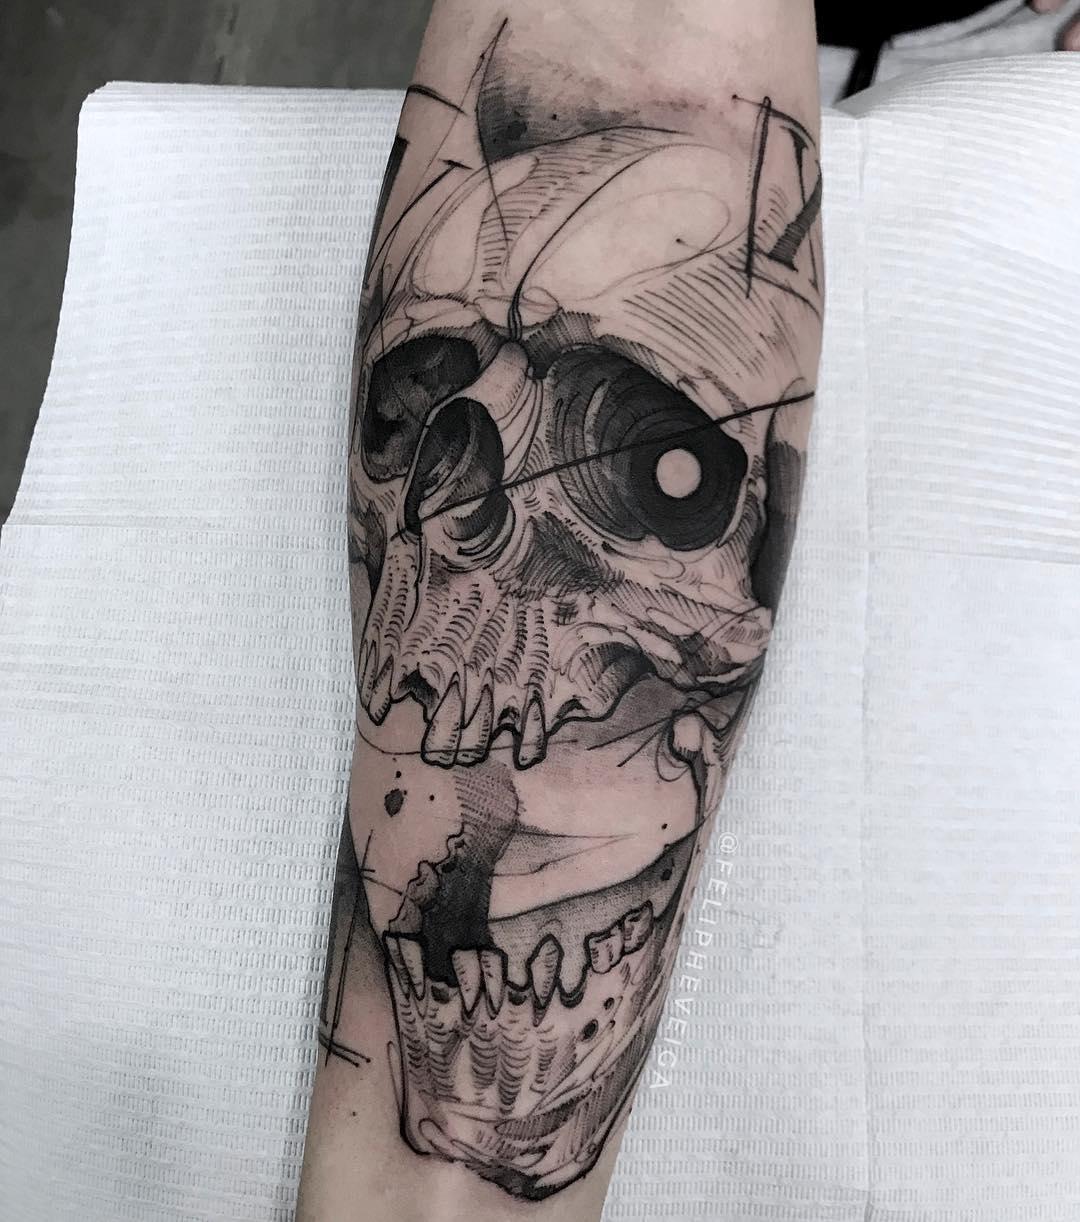 Tattoo-Feliphe-Veiga-Brasilien-02